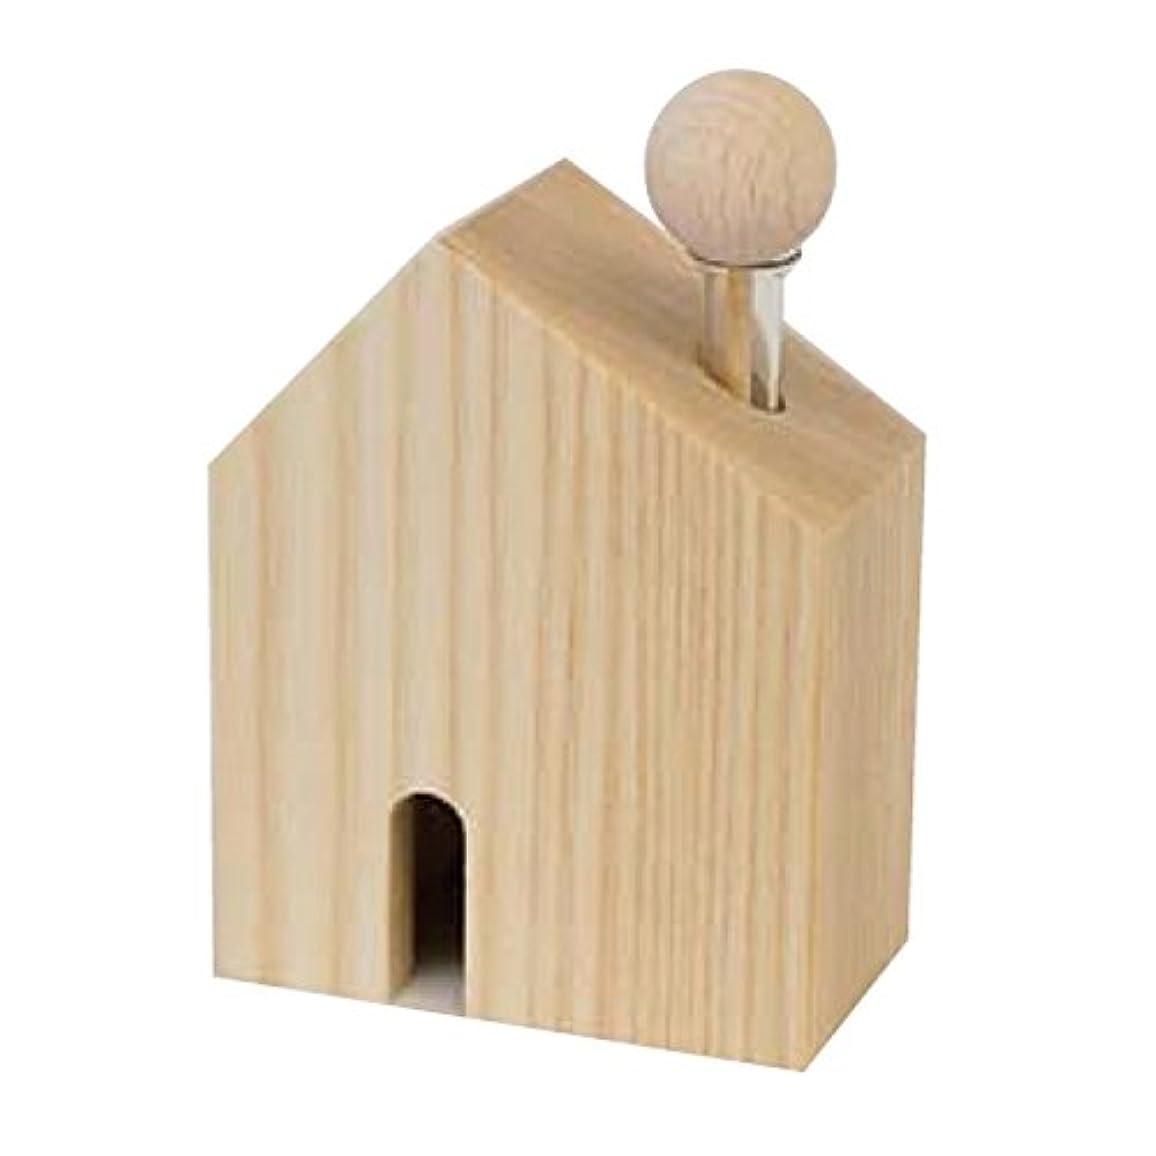 効果声を出して必要とするカリス成城 アロマ芳香器 木のお家